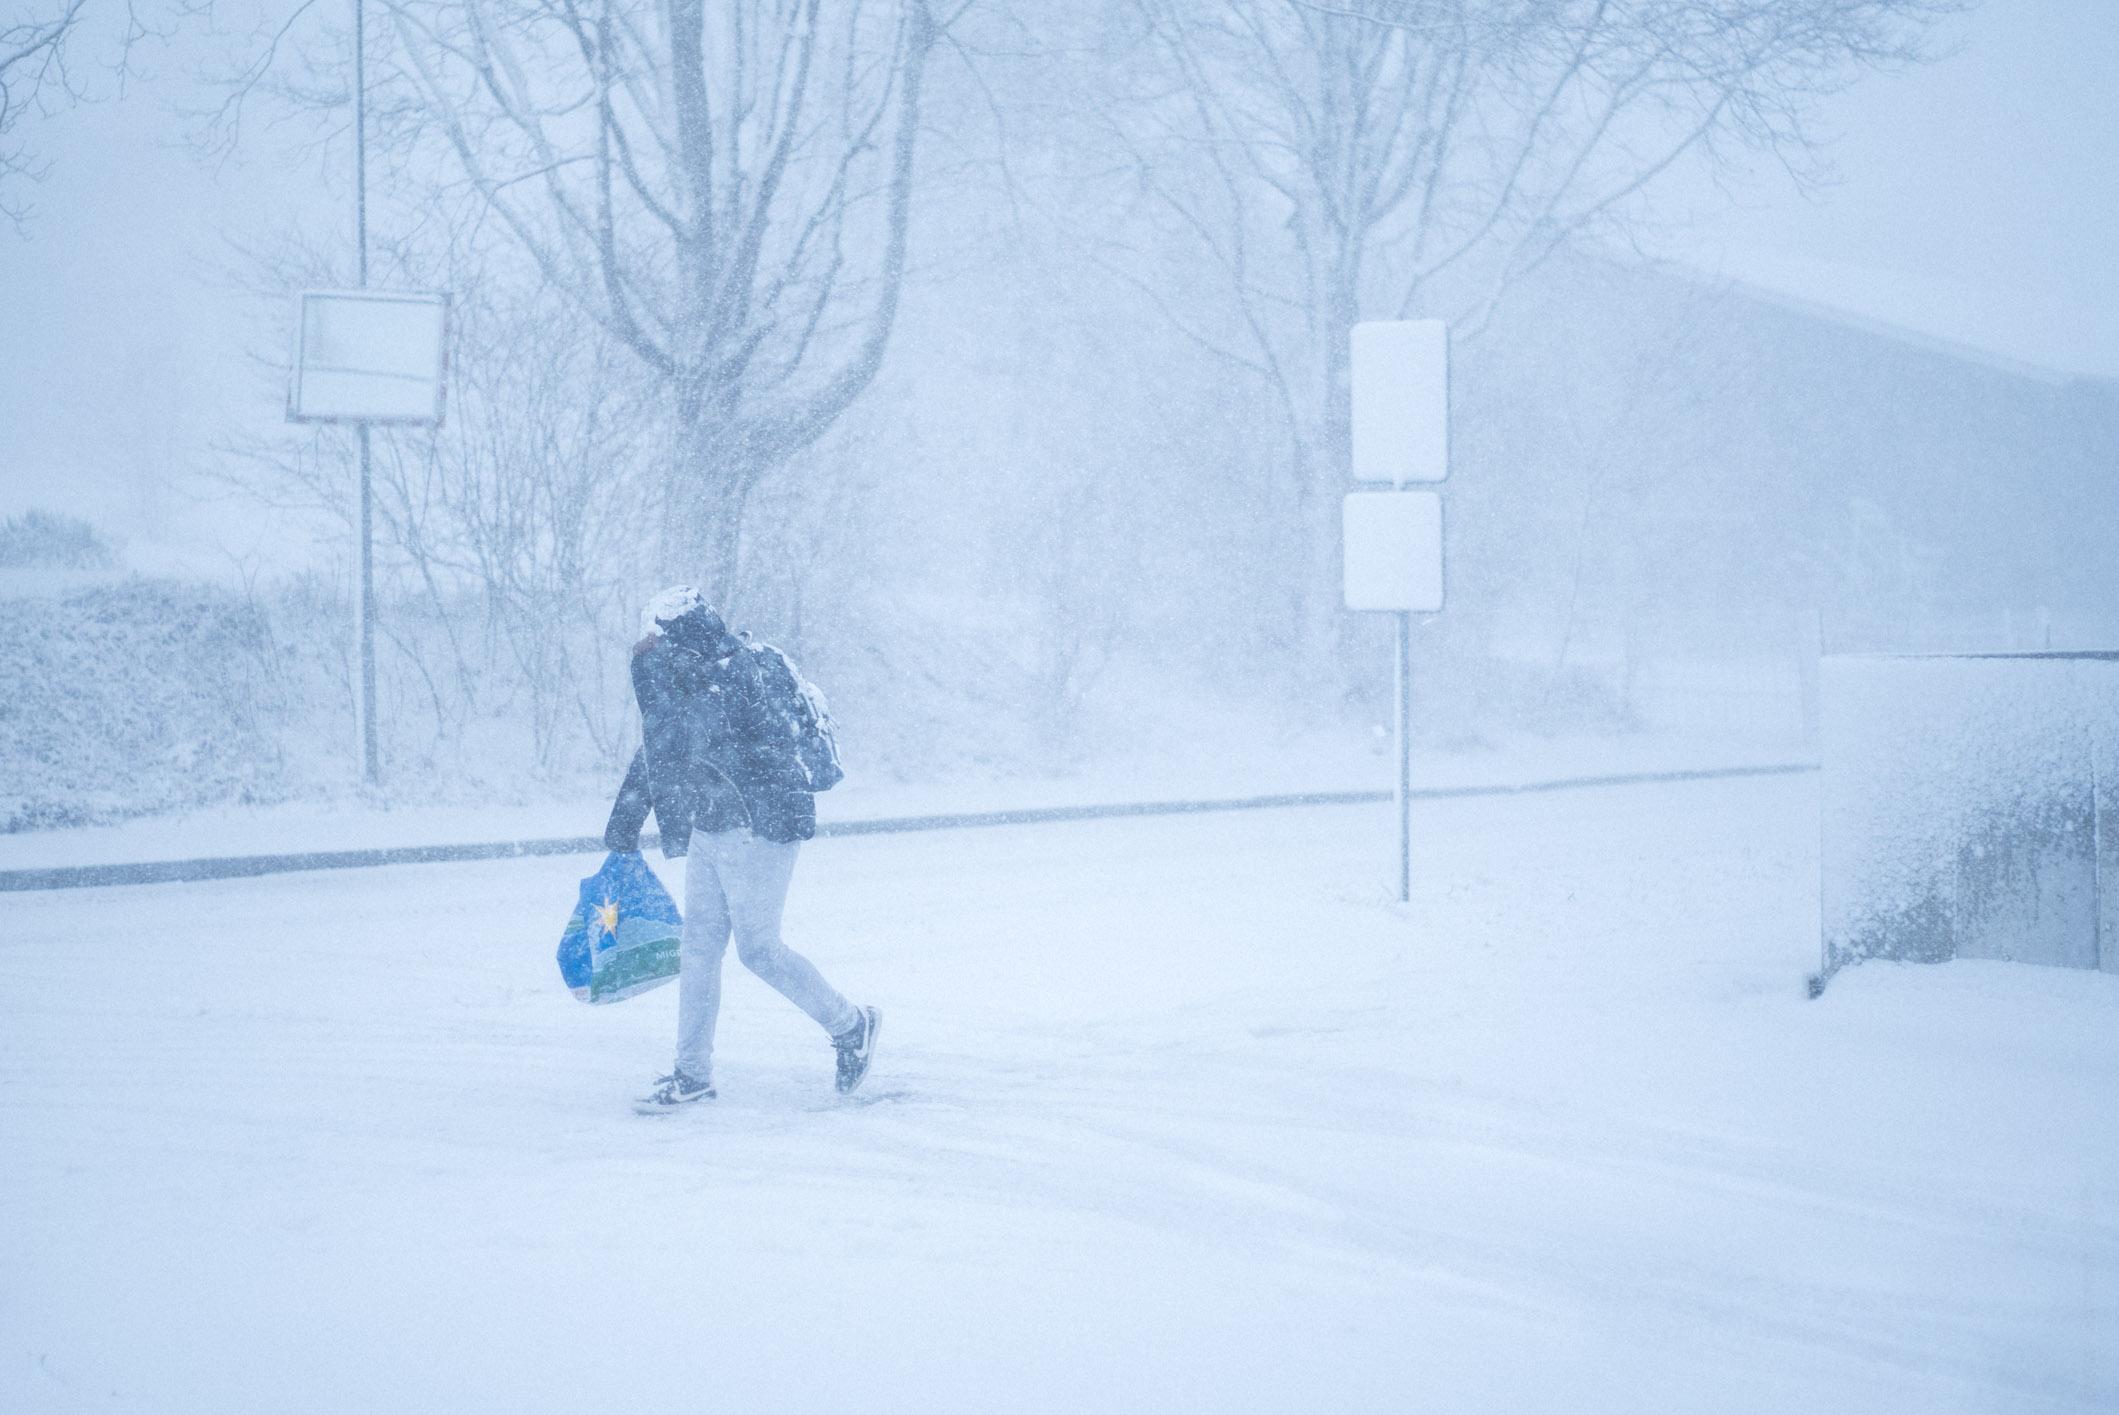 Sudden snowstorm in Ittigen